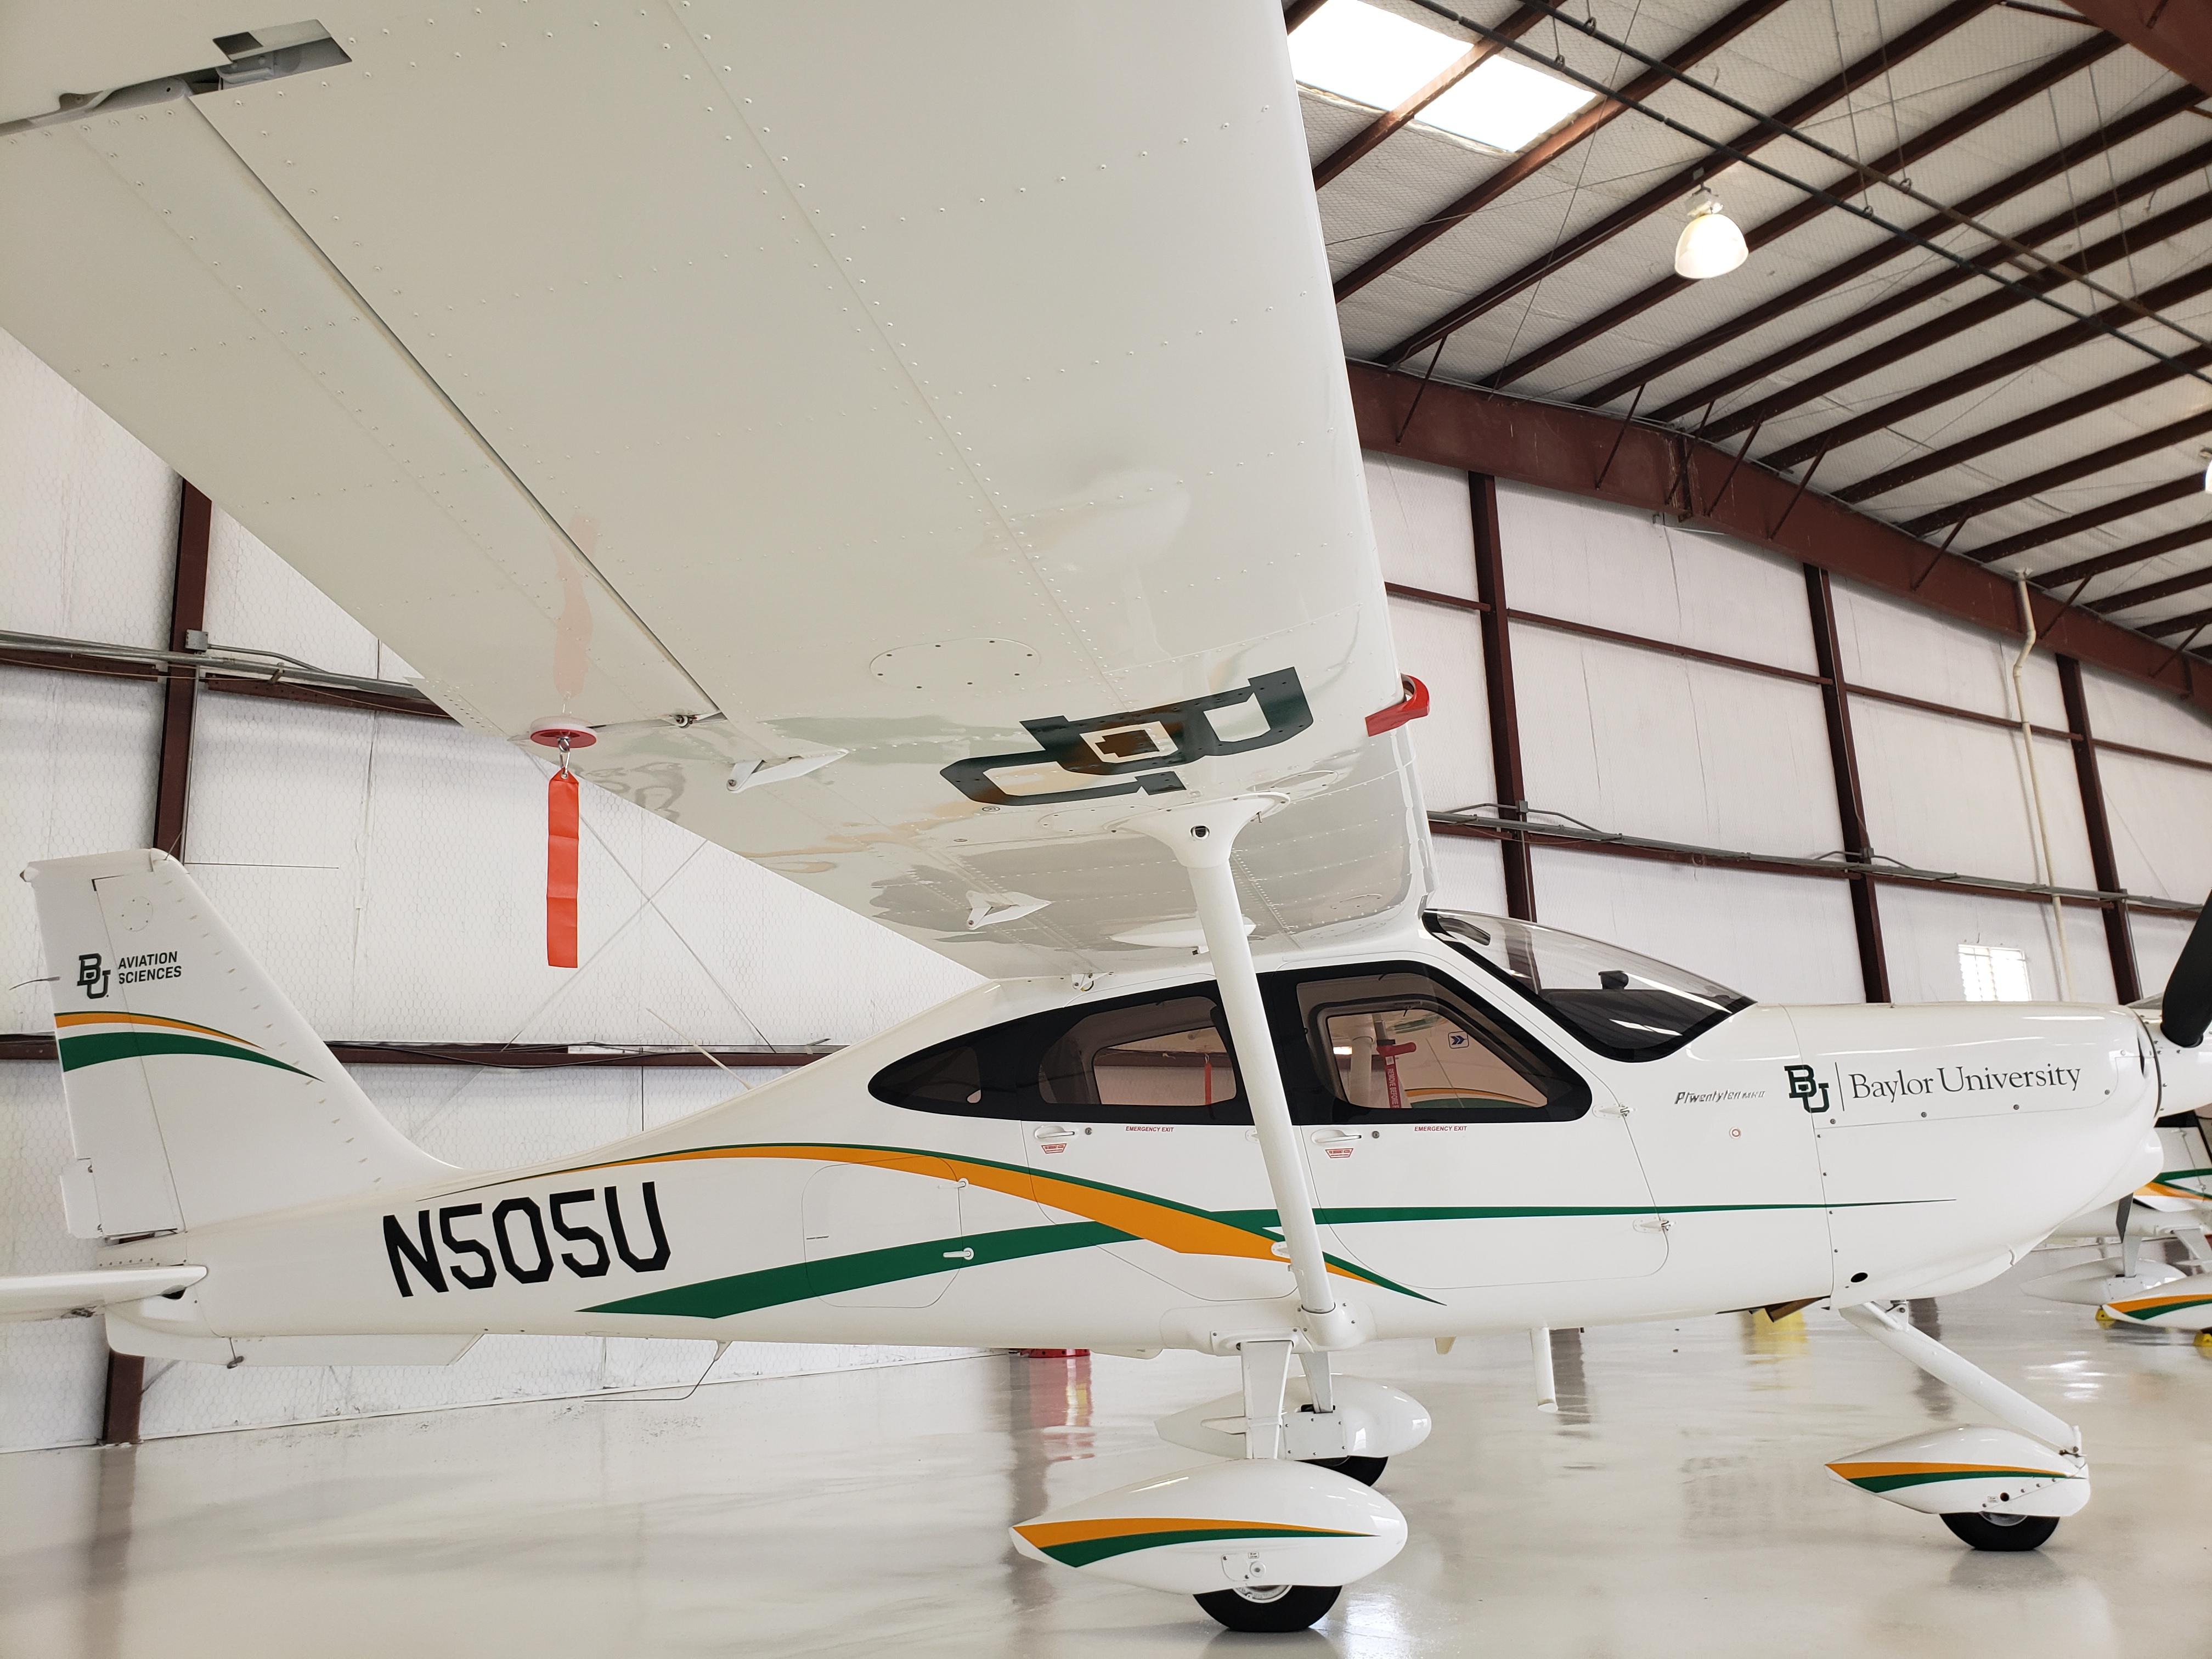 General Aviation Serves Societal Needs